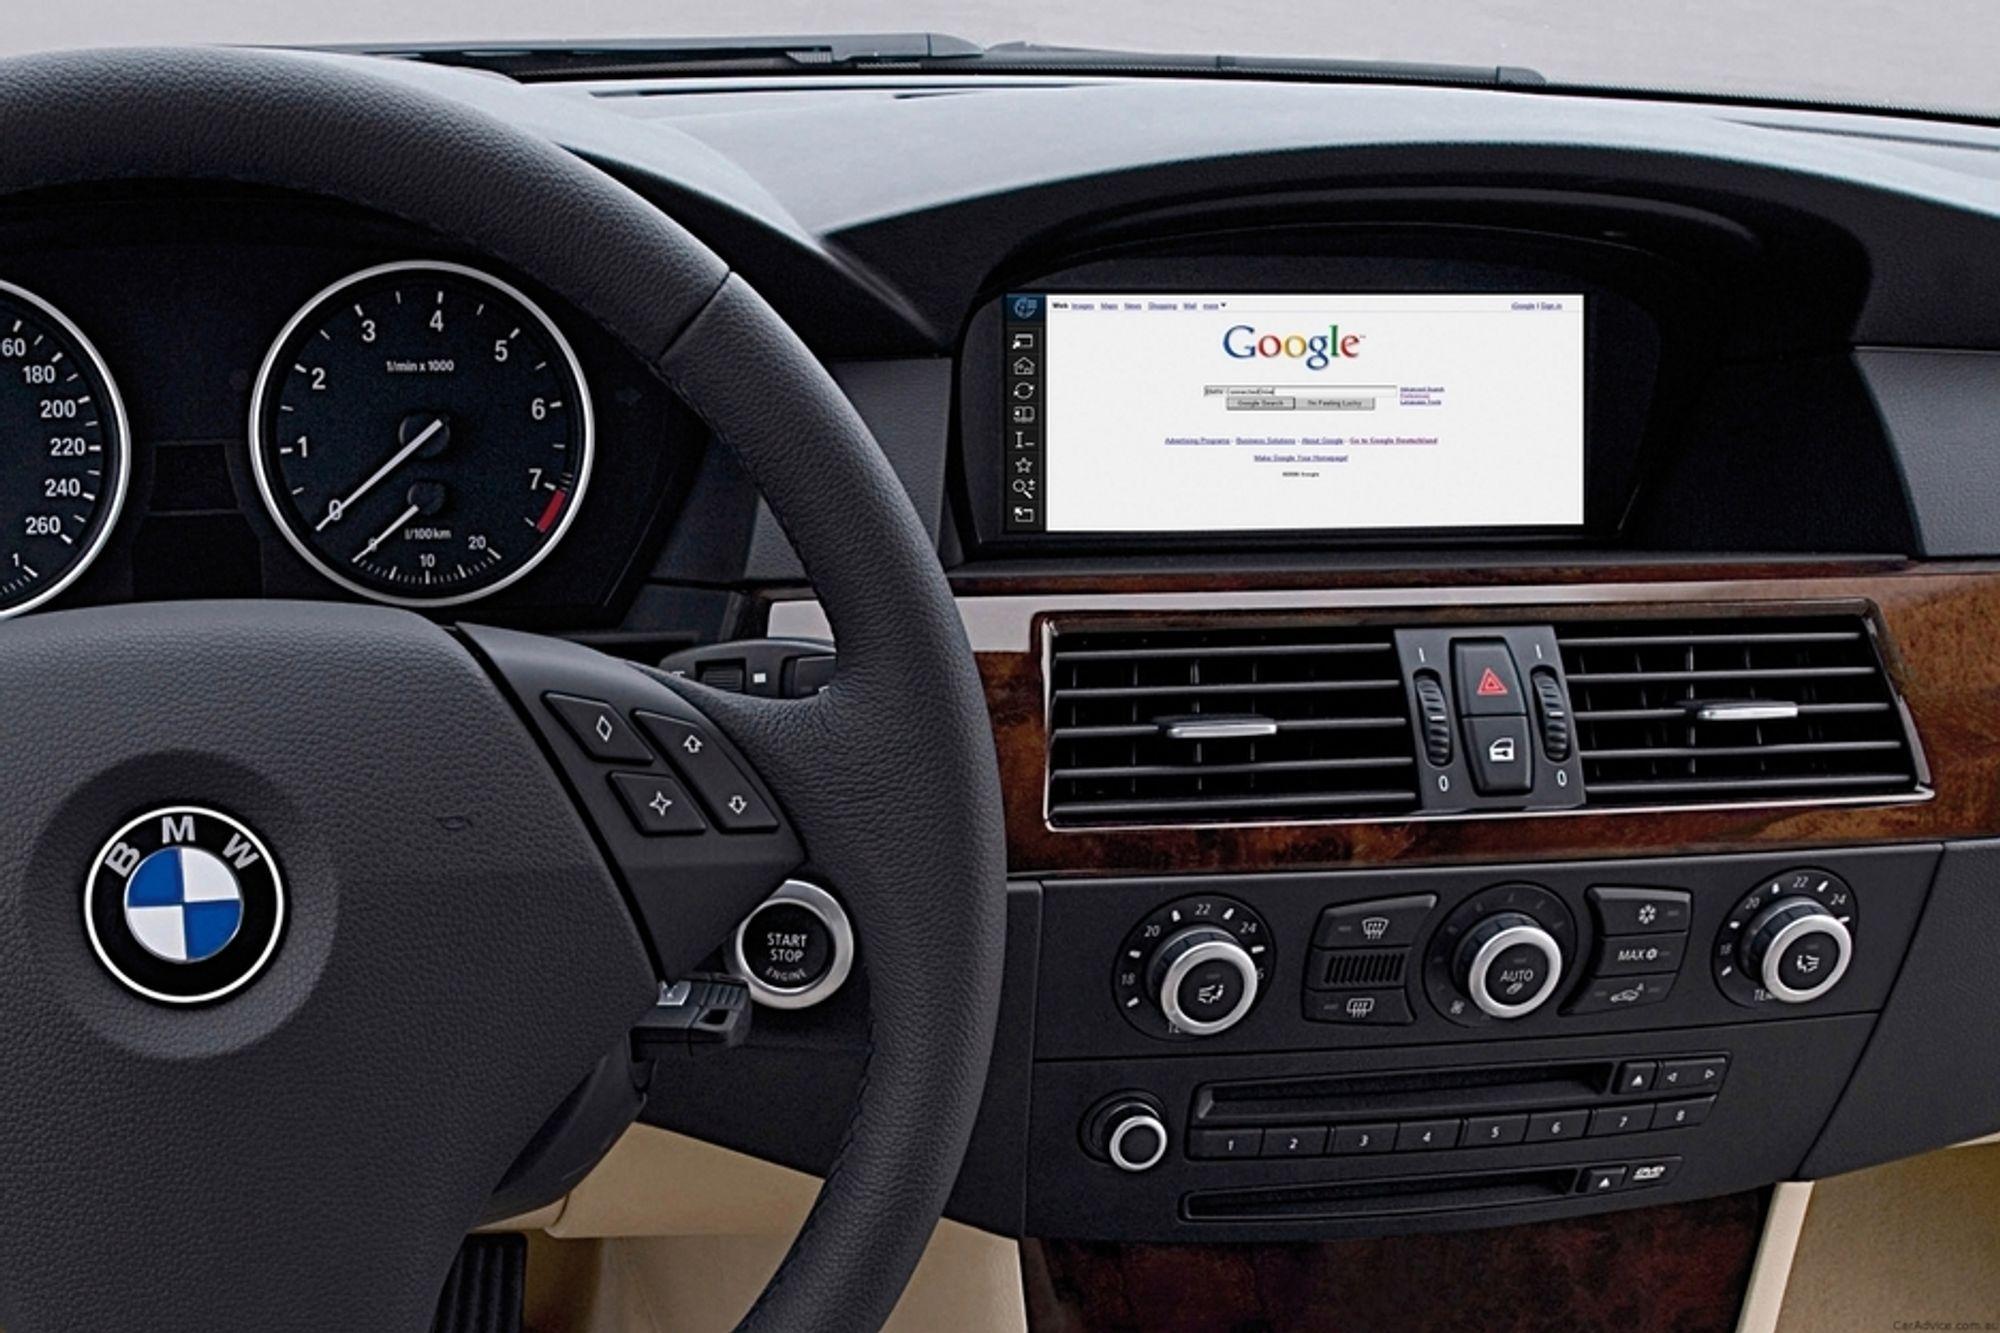 PC PÅ HJUL: Ford Sync (samarbeid med Microsoft), BMW ConnectedDrive (bildet, samarbeid med Google), Jaguars samarbeid med Blackberry-produsenten RIM og GMs OnStar (eget datterselskap) er blant eksemplene på at bilbransjen satser tungt på at bilen også skal være et rullende mobilt internett.